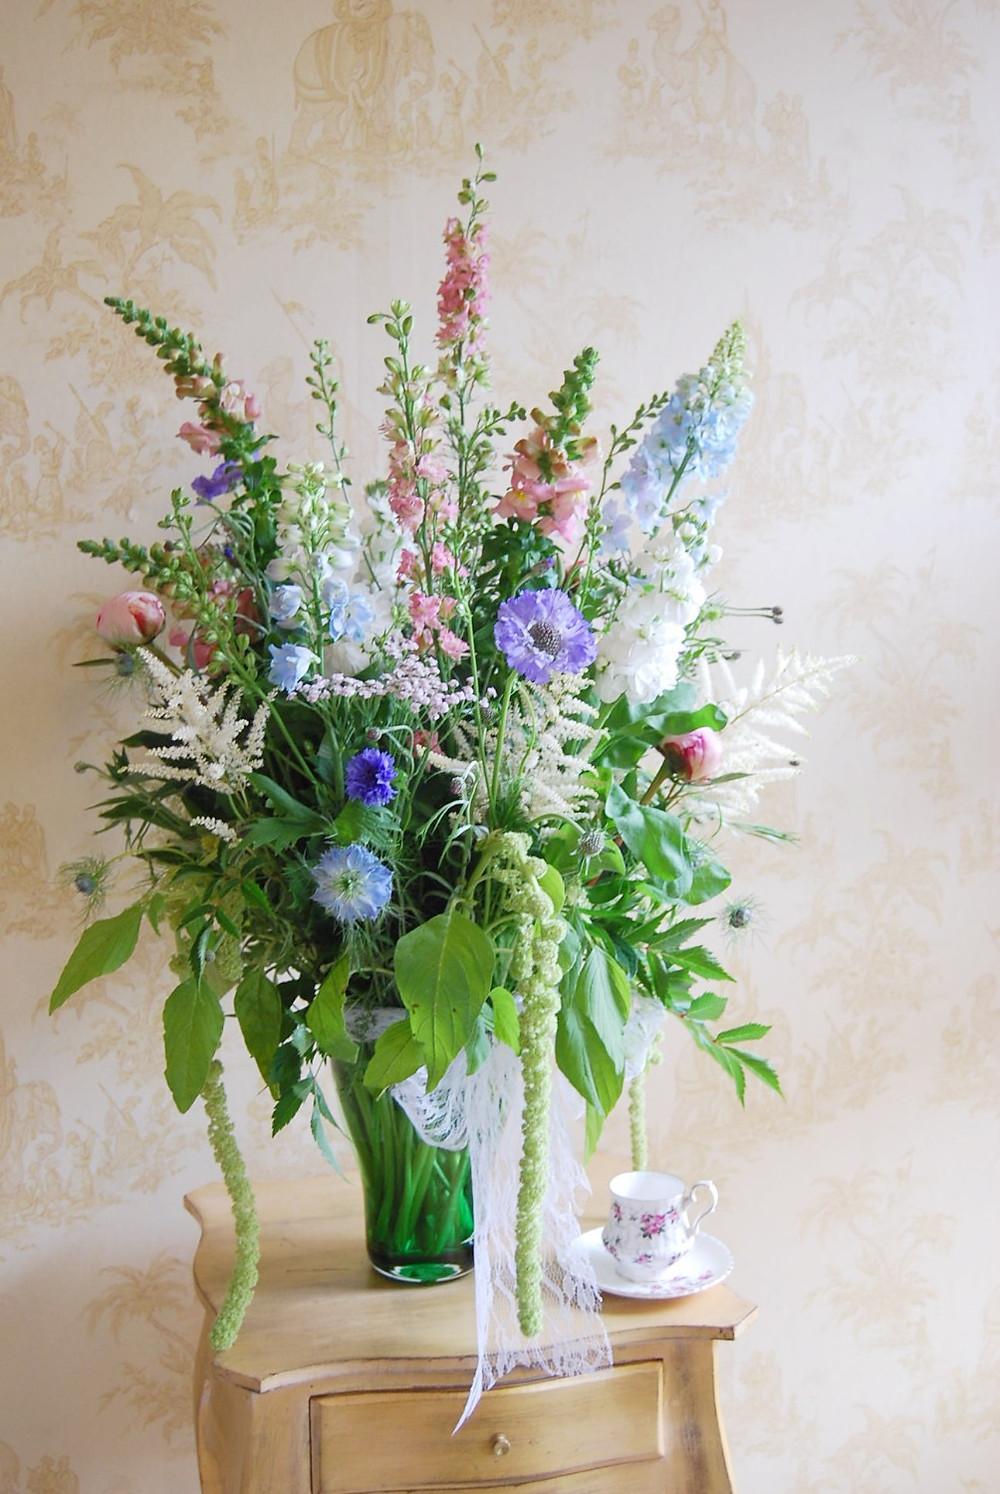 Vase of Summer British Flower